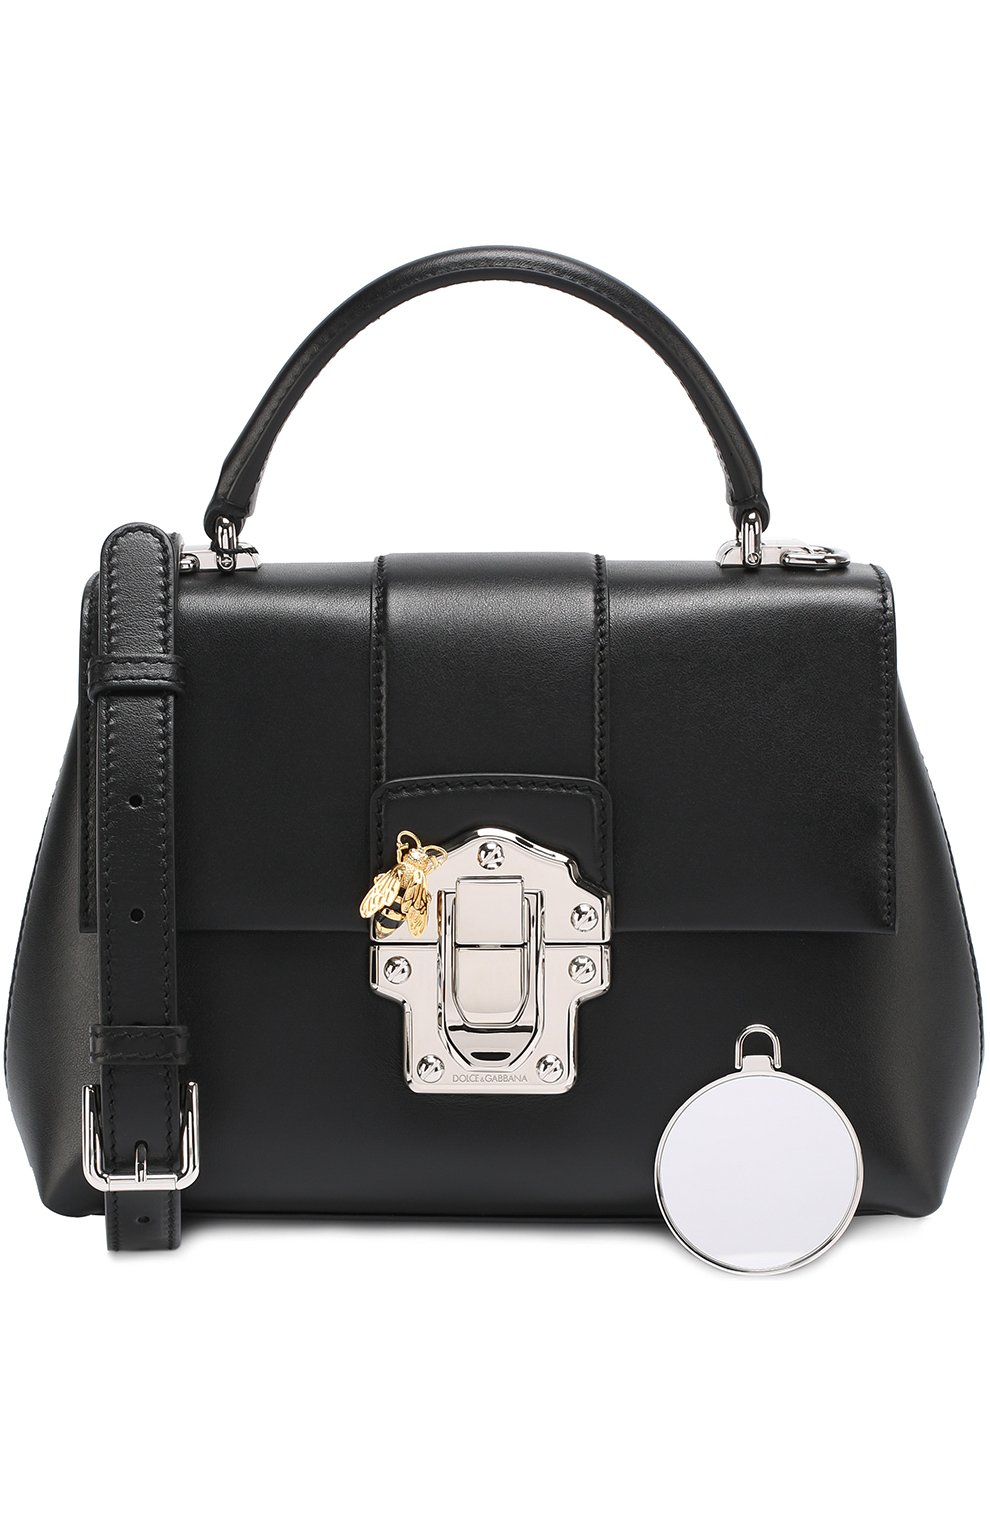 Сумка Lucia small Dolce & Gabbana черная цвета | Фото №6